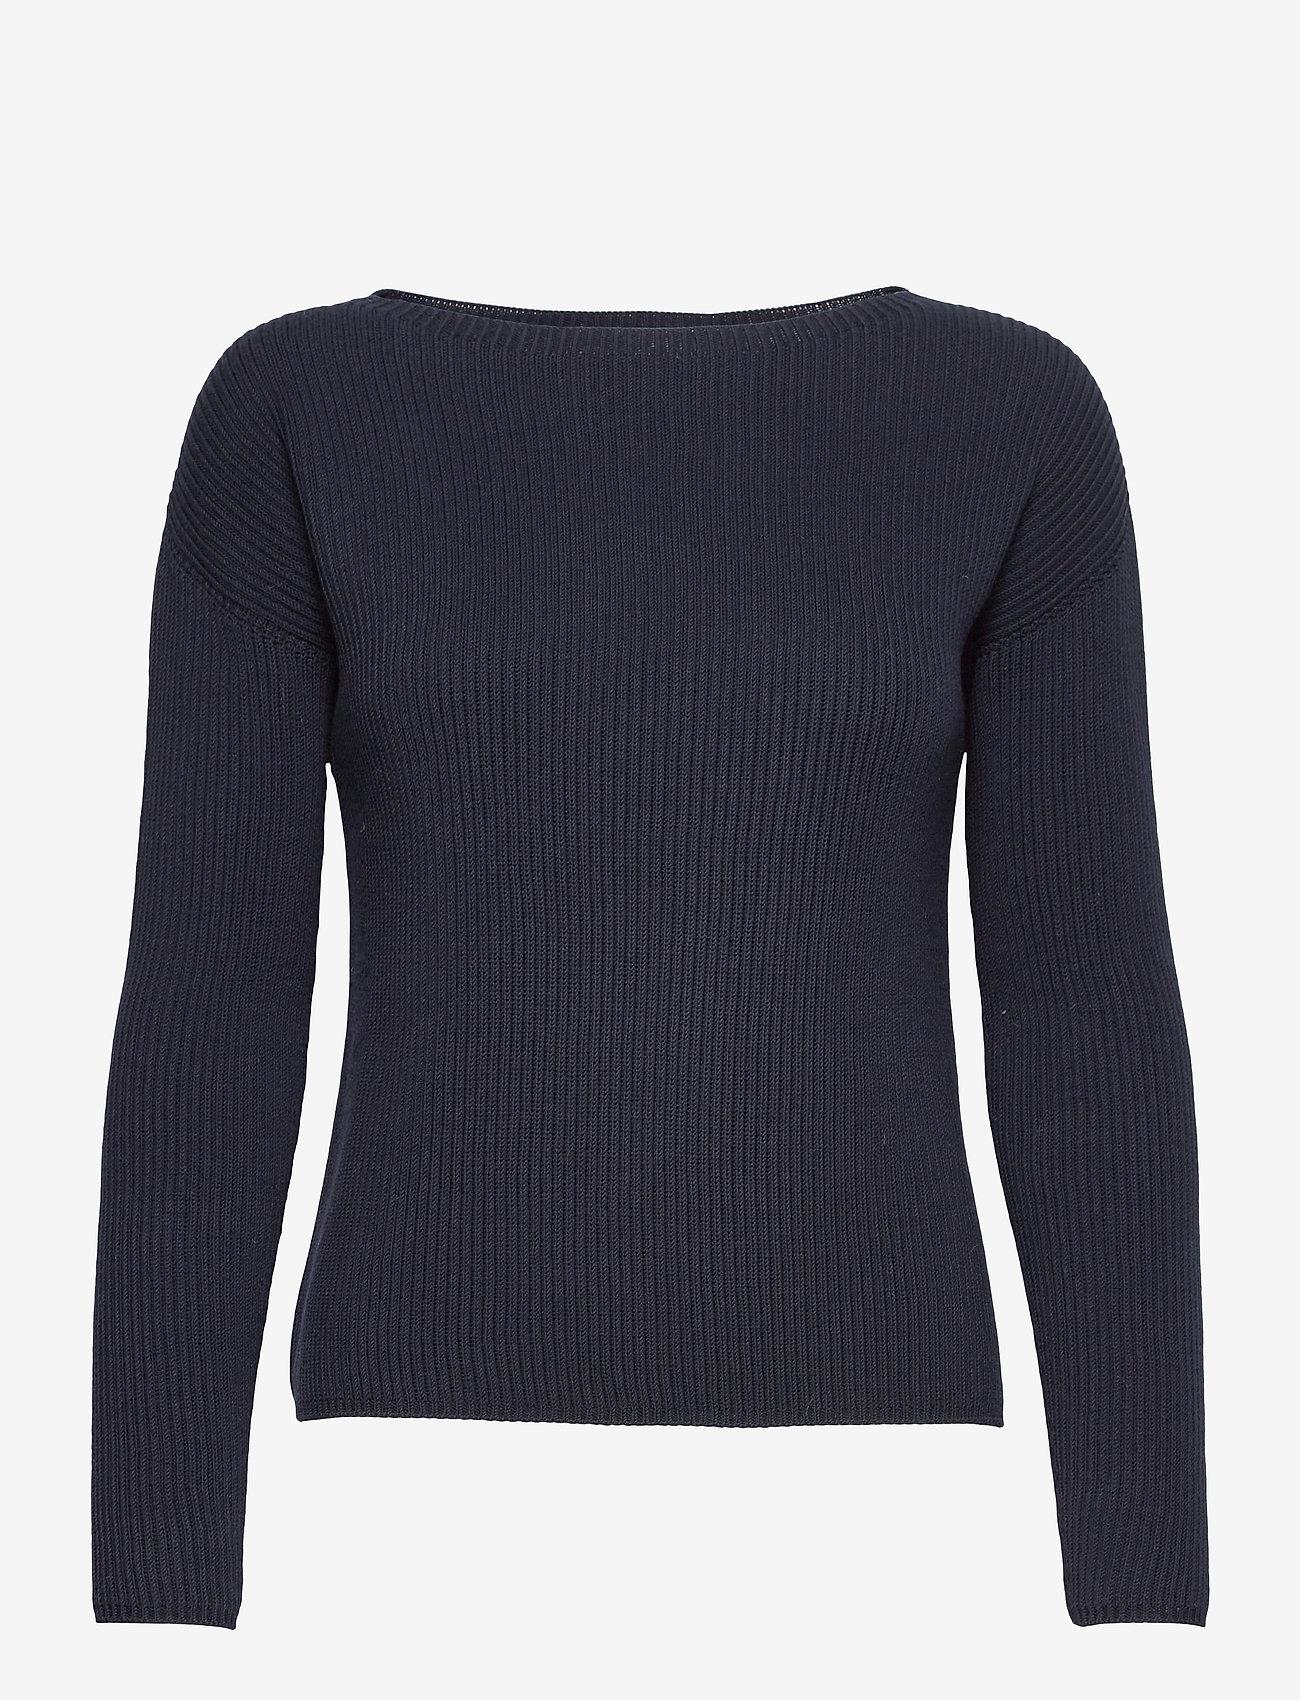 Max Mara Leisure - CIRO - sweaters - navy - 0